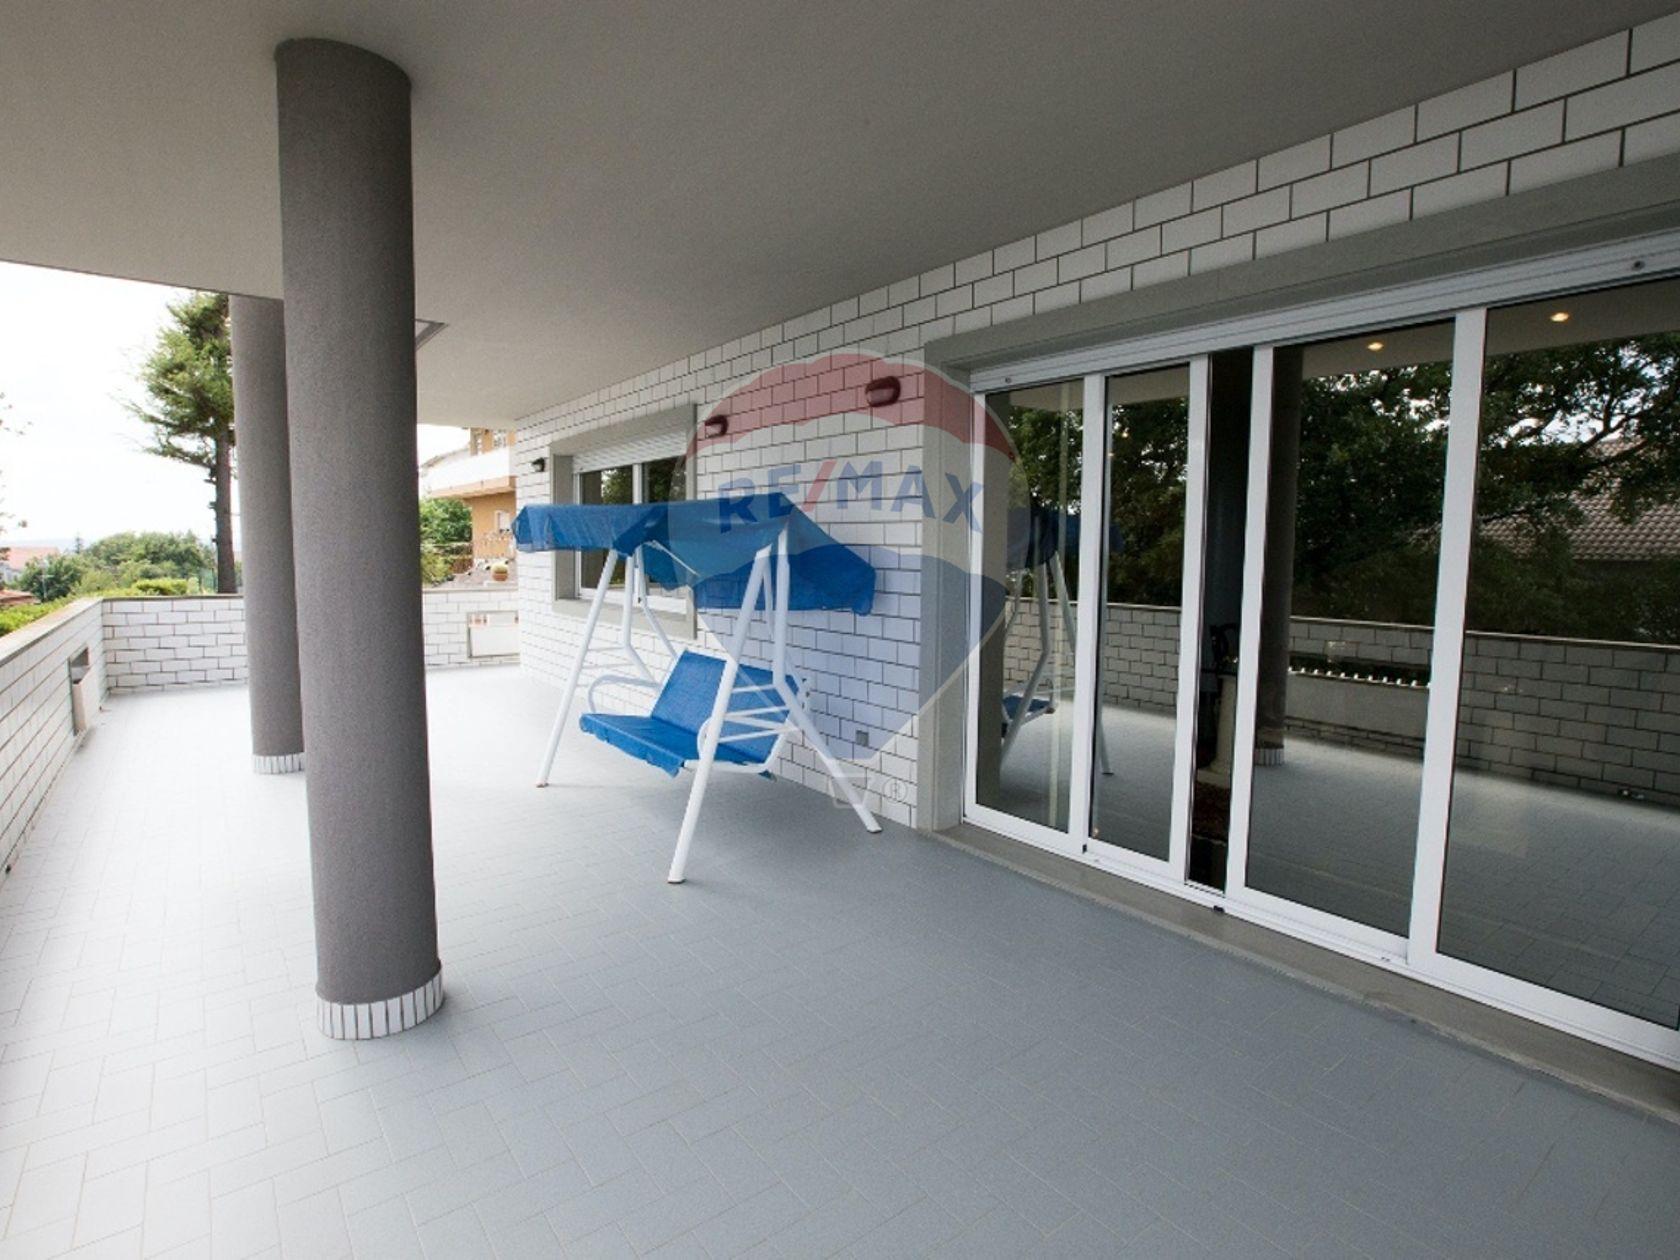 Villa singola Pescara-colle Del Telegrafo, Pescara, PE Vendita - Foto 9